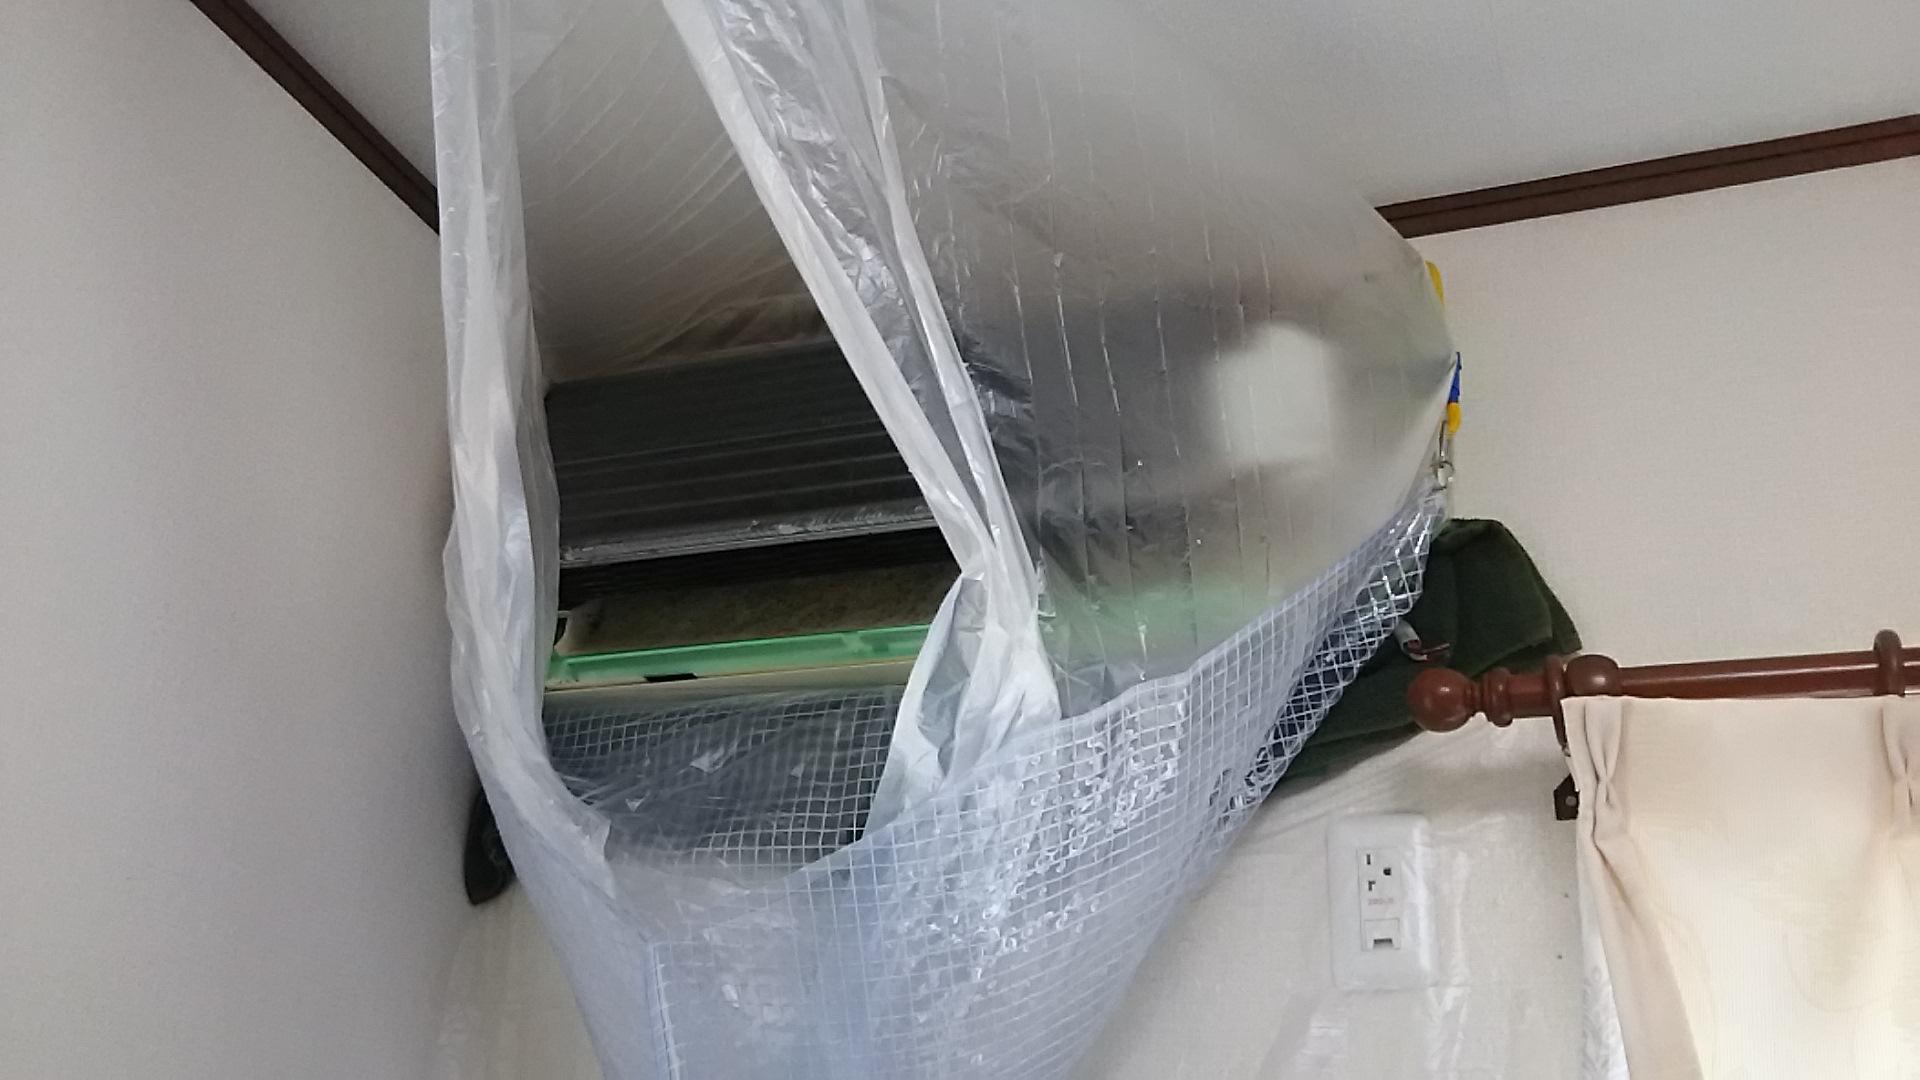 高圧洗浄中 三菱エアコン霧ヶ峰 名古屋 分解洗浄 クリーニング 業者 ドレンパン外す ファン抜く カビ汚れ